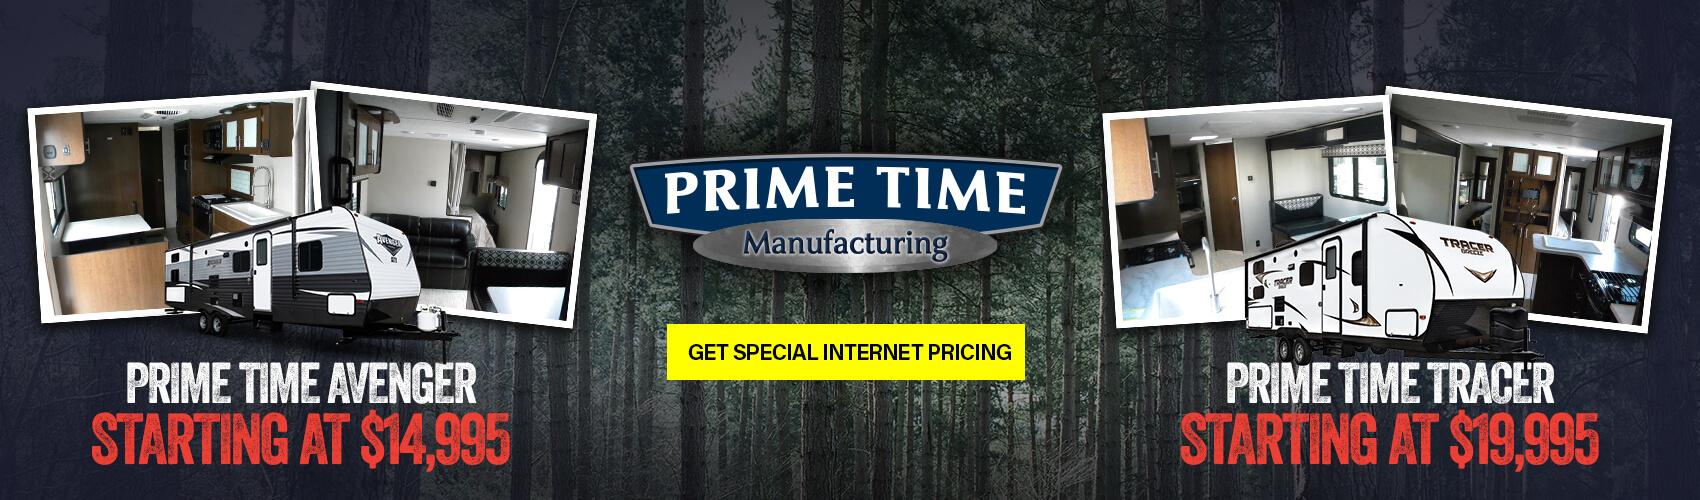 022019_Trailside_PrimeTime_WebBanner.jpg